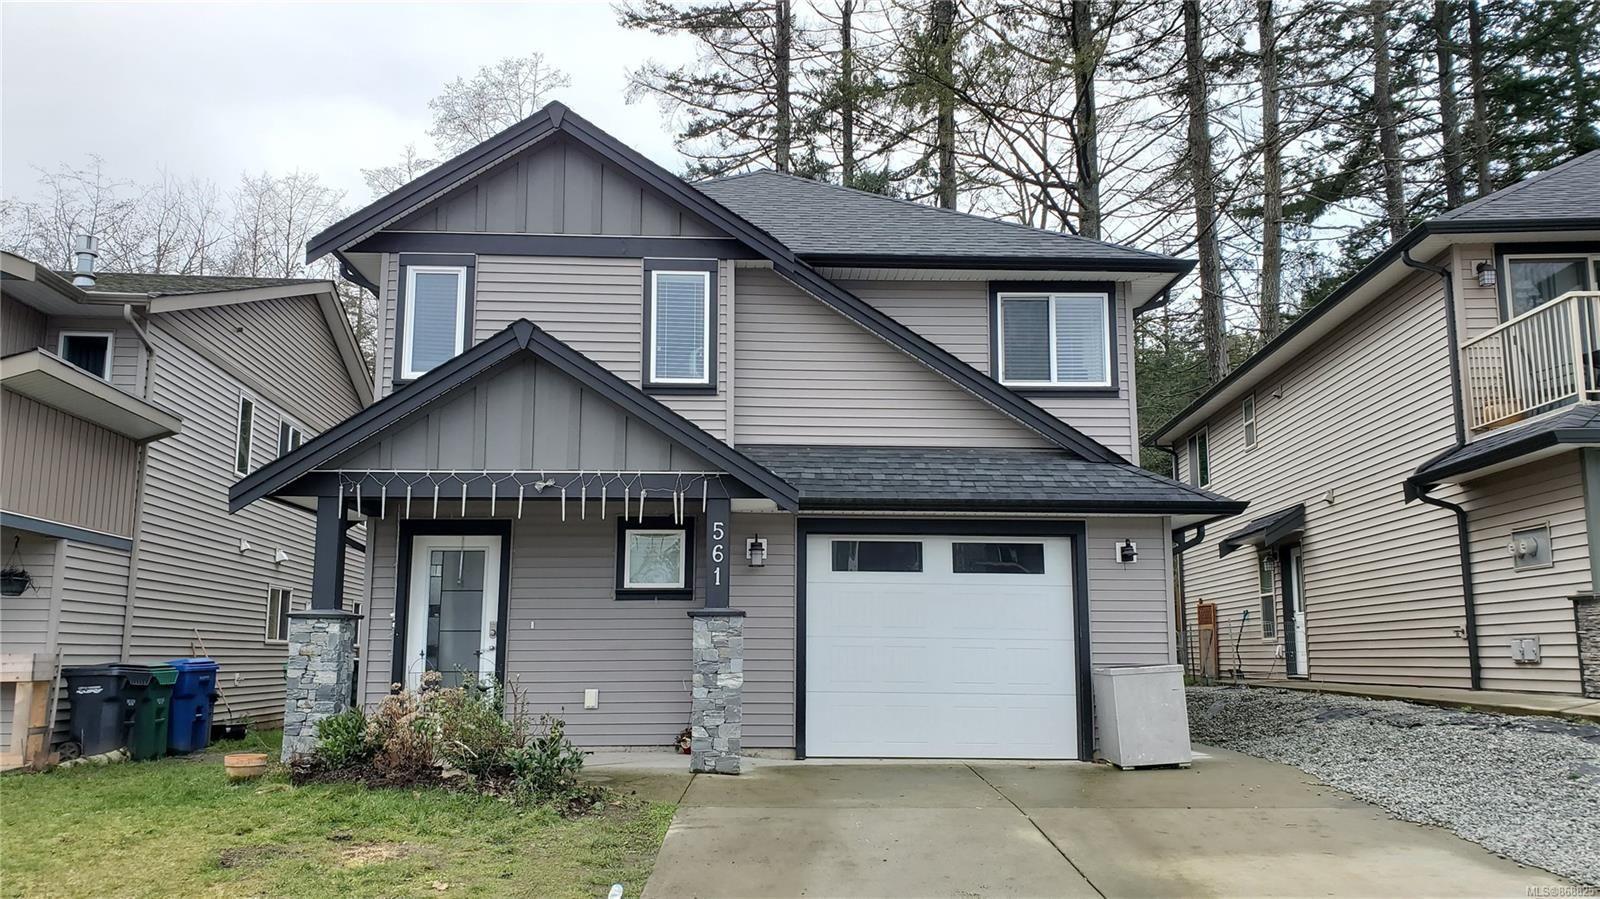 Main Photo: 561 Marisa St in : Na South Nanaimo House for sale (Nanaimo)  : MLS®# 868825